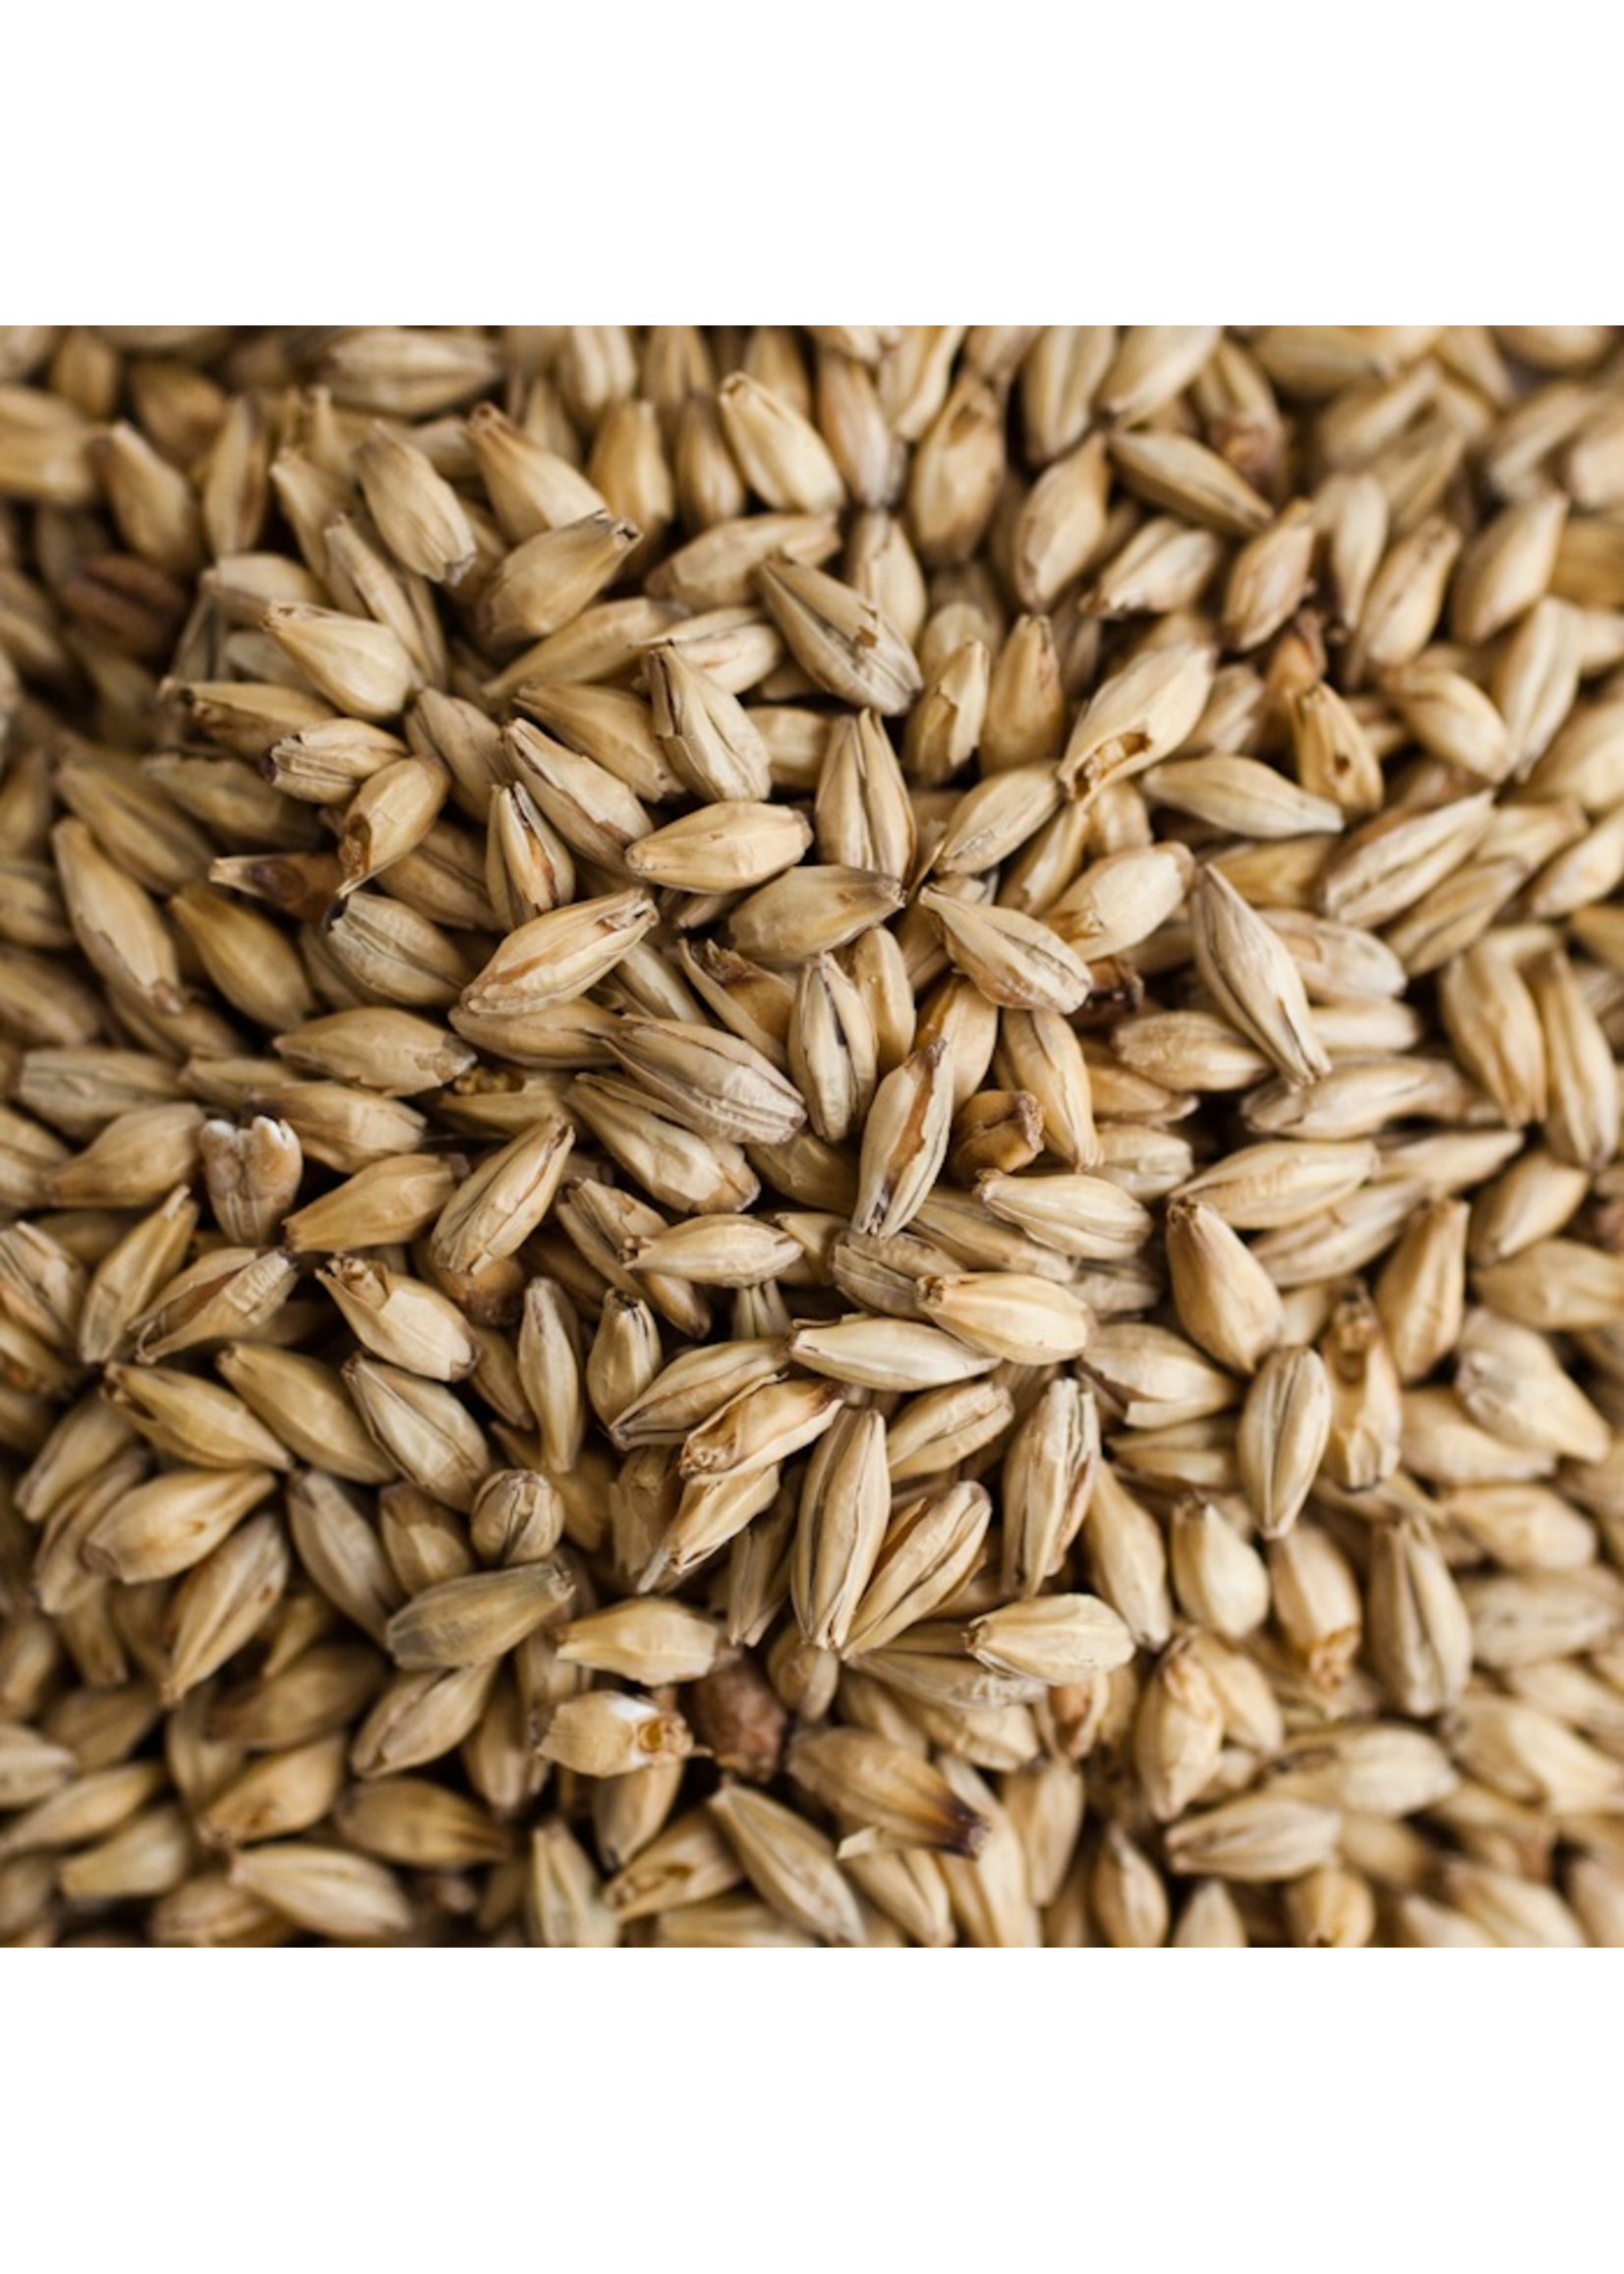 Grain Bairds Pale Malt - E15 - 1 LB - NLG